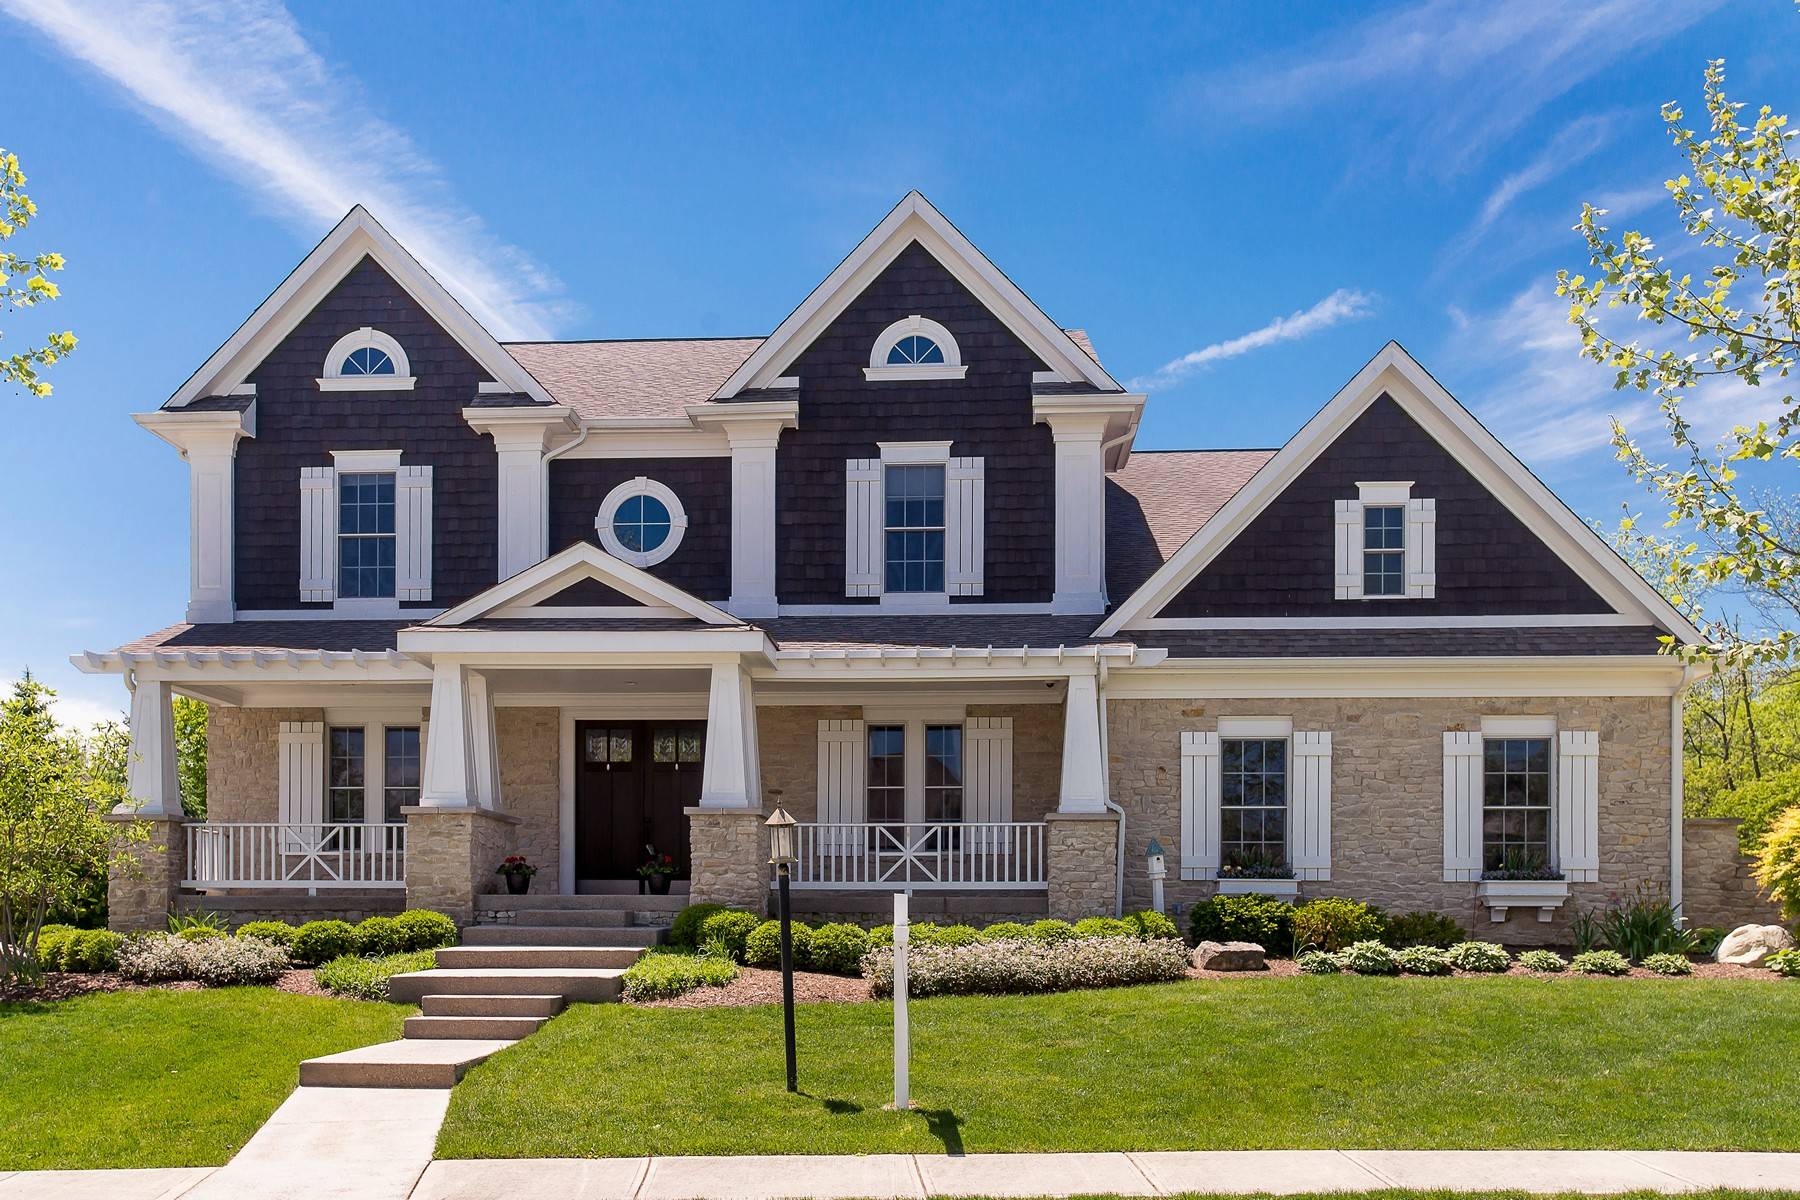 Maison unifamiliale pour l Vente à Custom Arts & Craftsman Home 5331 Randolph Crescent Drive Carmel, Indiana, 46033 États-Unis